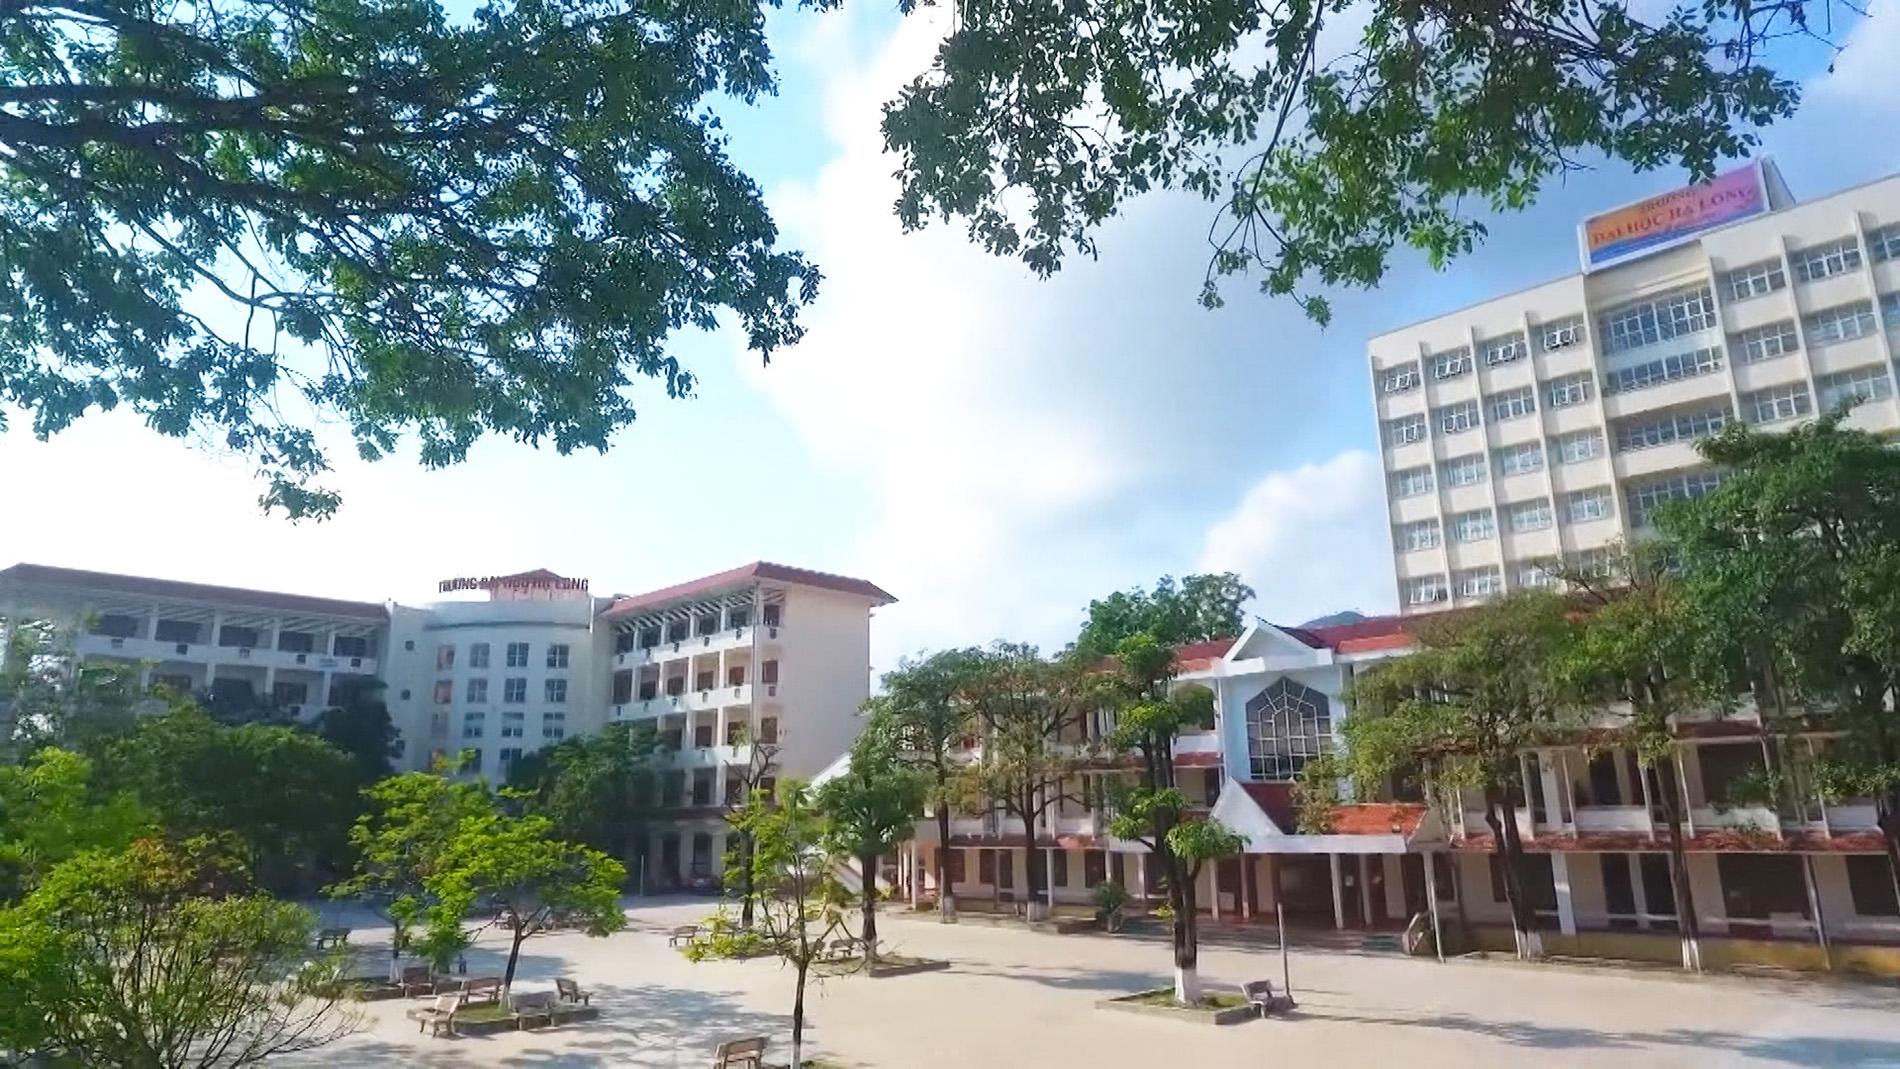 Chủ tịch UBND tỉnh Quảng Ninh kiêm hiệu trưởng trường ĐH: Phù hợp với các quy định pháp luật - Ảnh 1